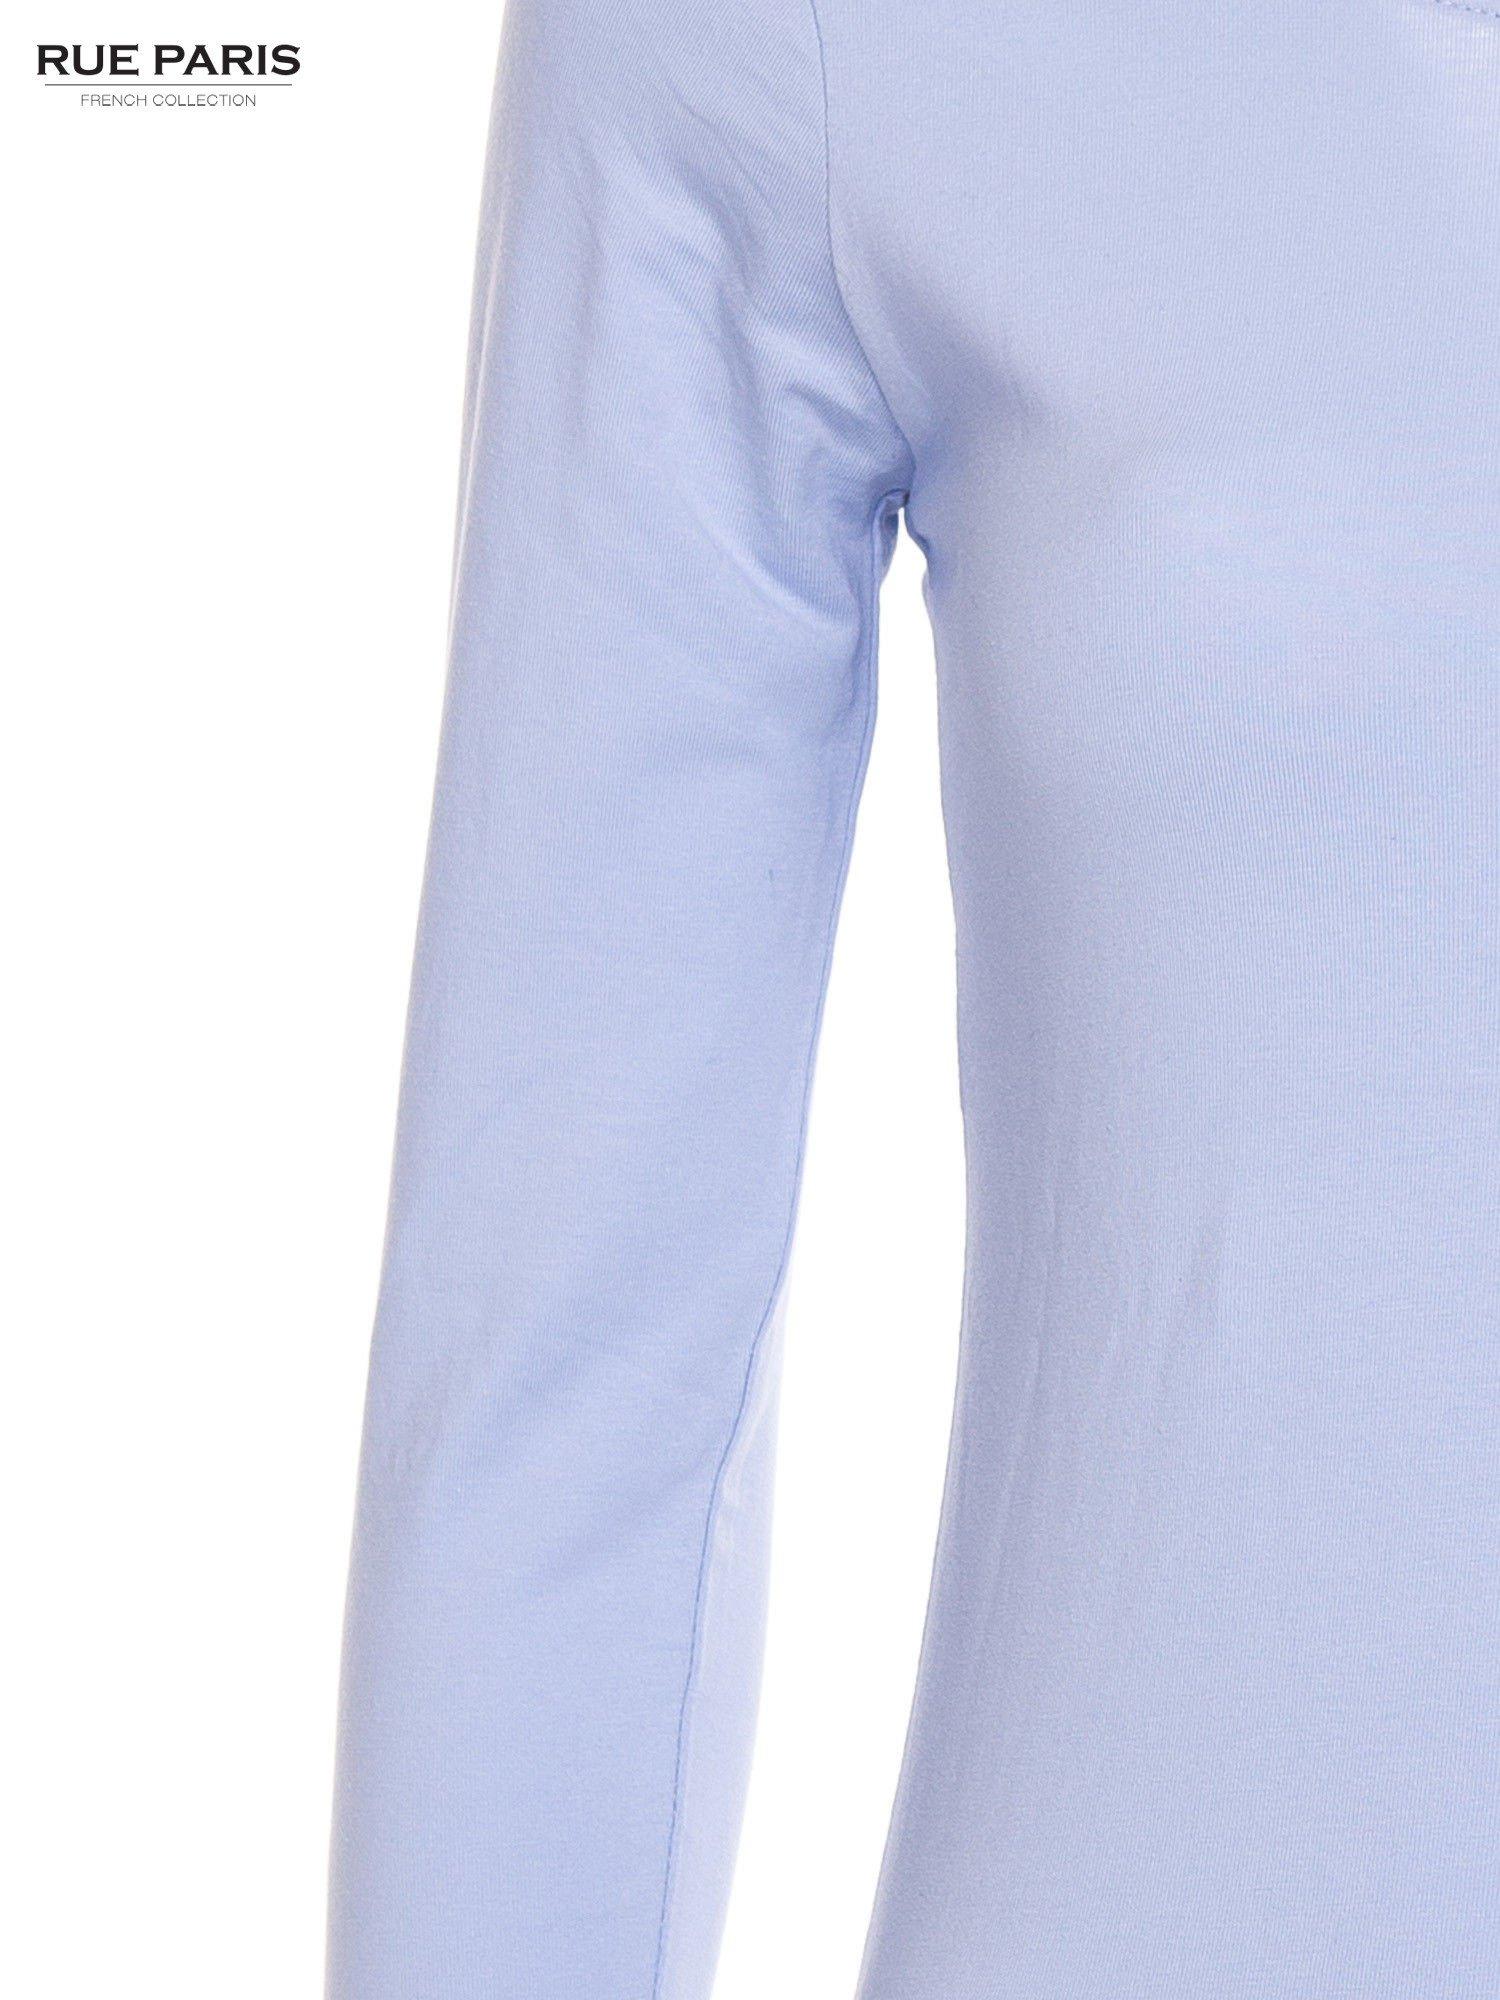 Pastelowoniebieska gładka bluzka z rękawem 3/4                                  zdj.                                  5